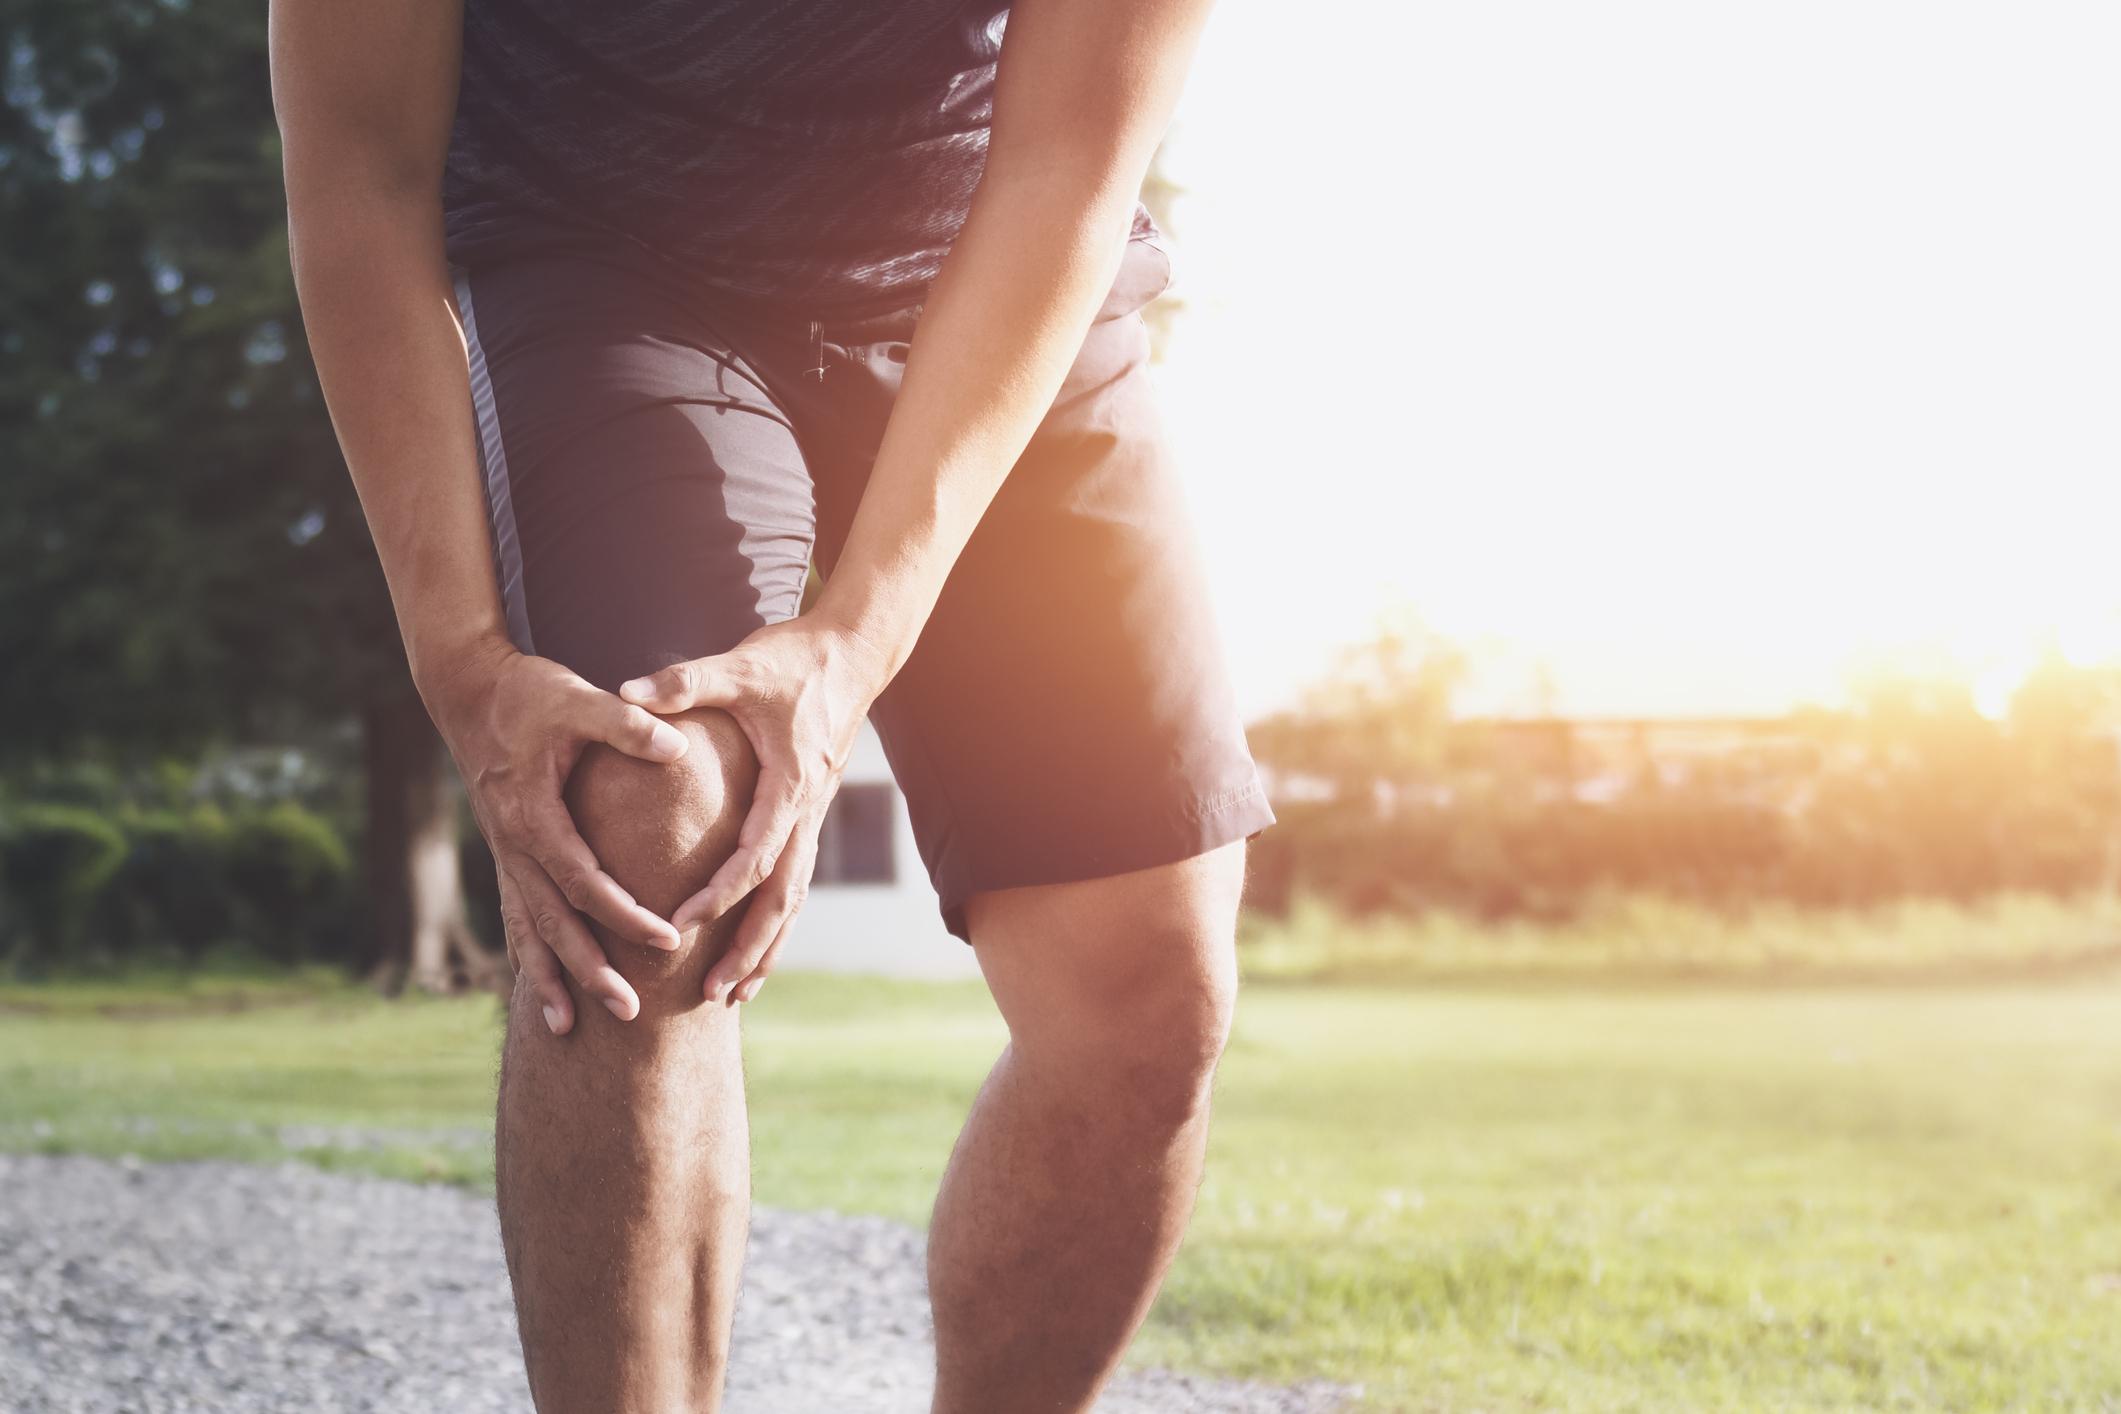 As lesões nos joelhos são constantes em atletas profissionais, principalmente entre os jogadores de futebol, por conta do contato e sobrecarga nessa articulação.